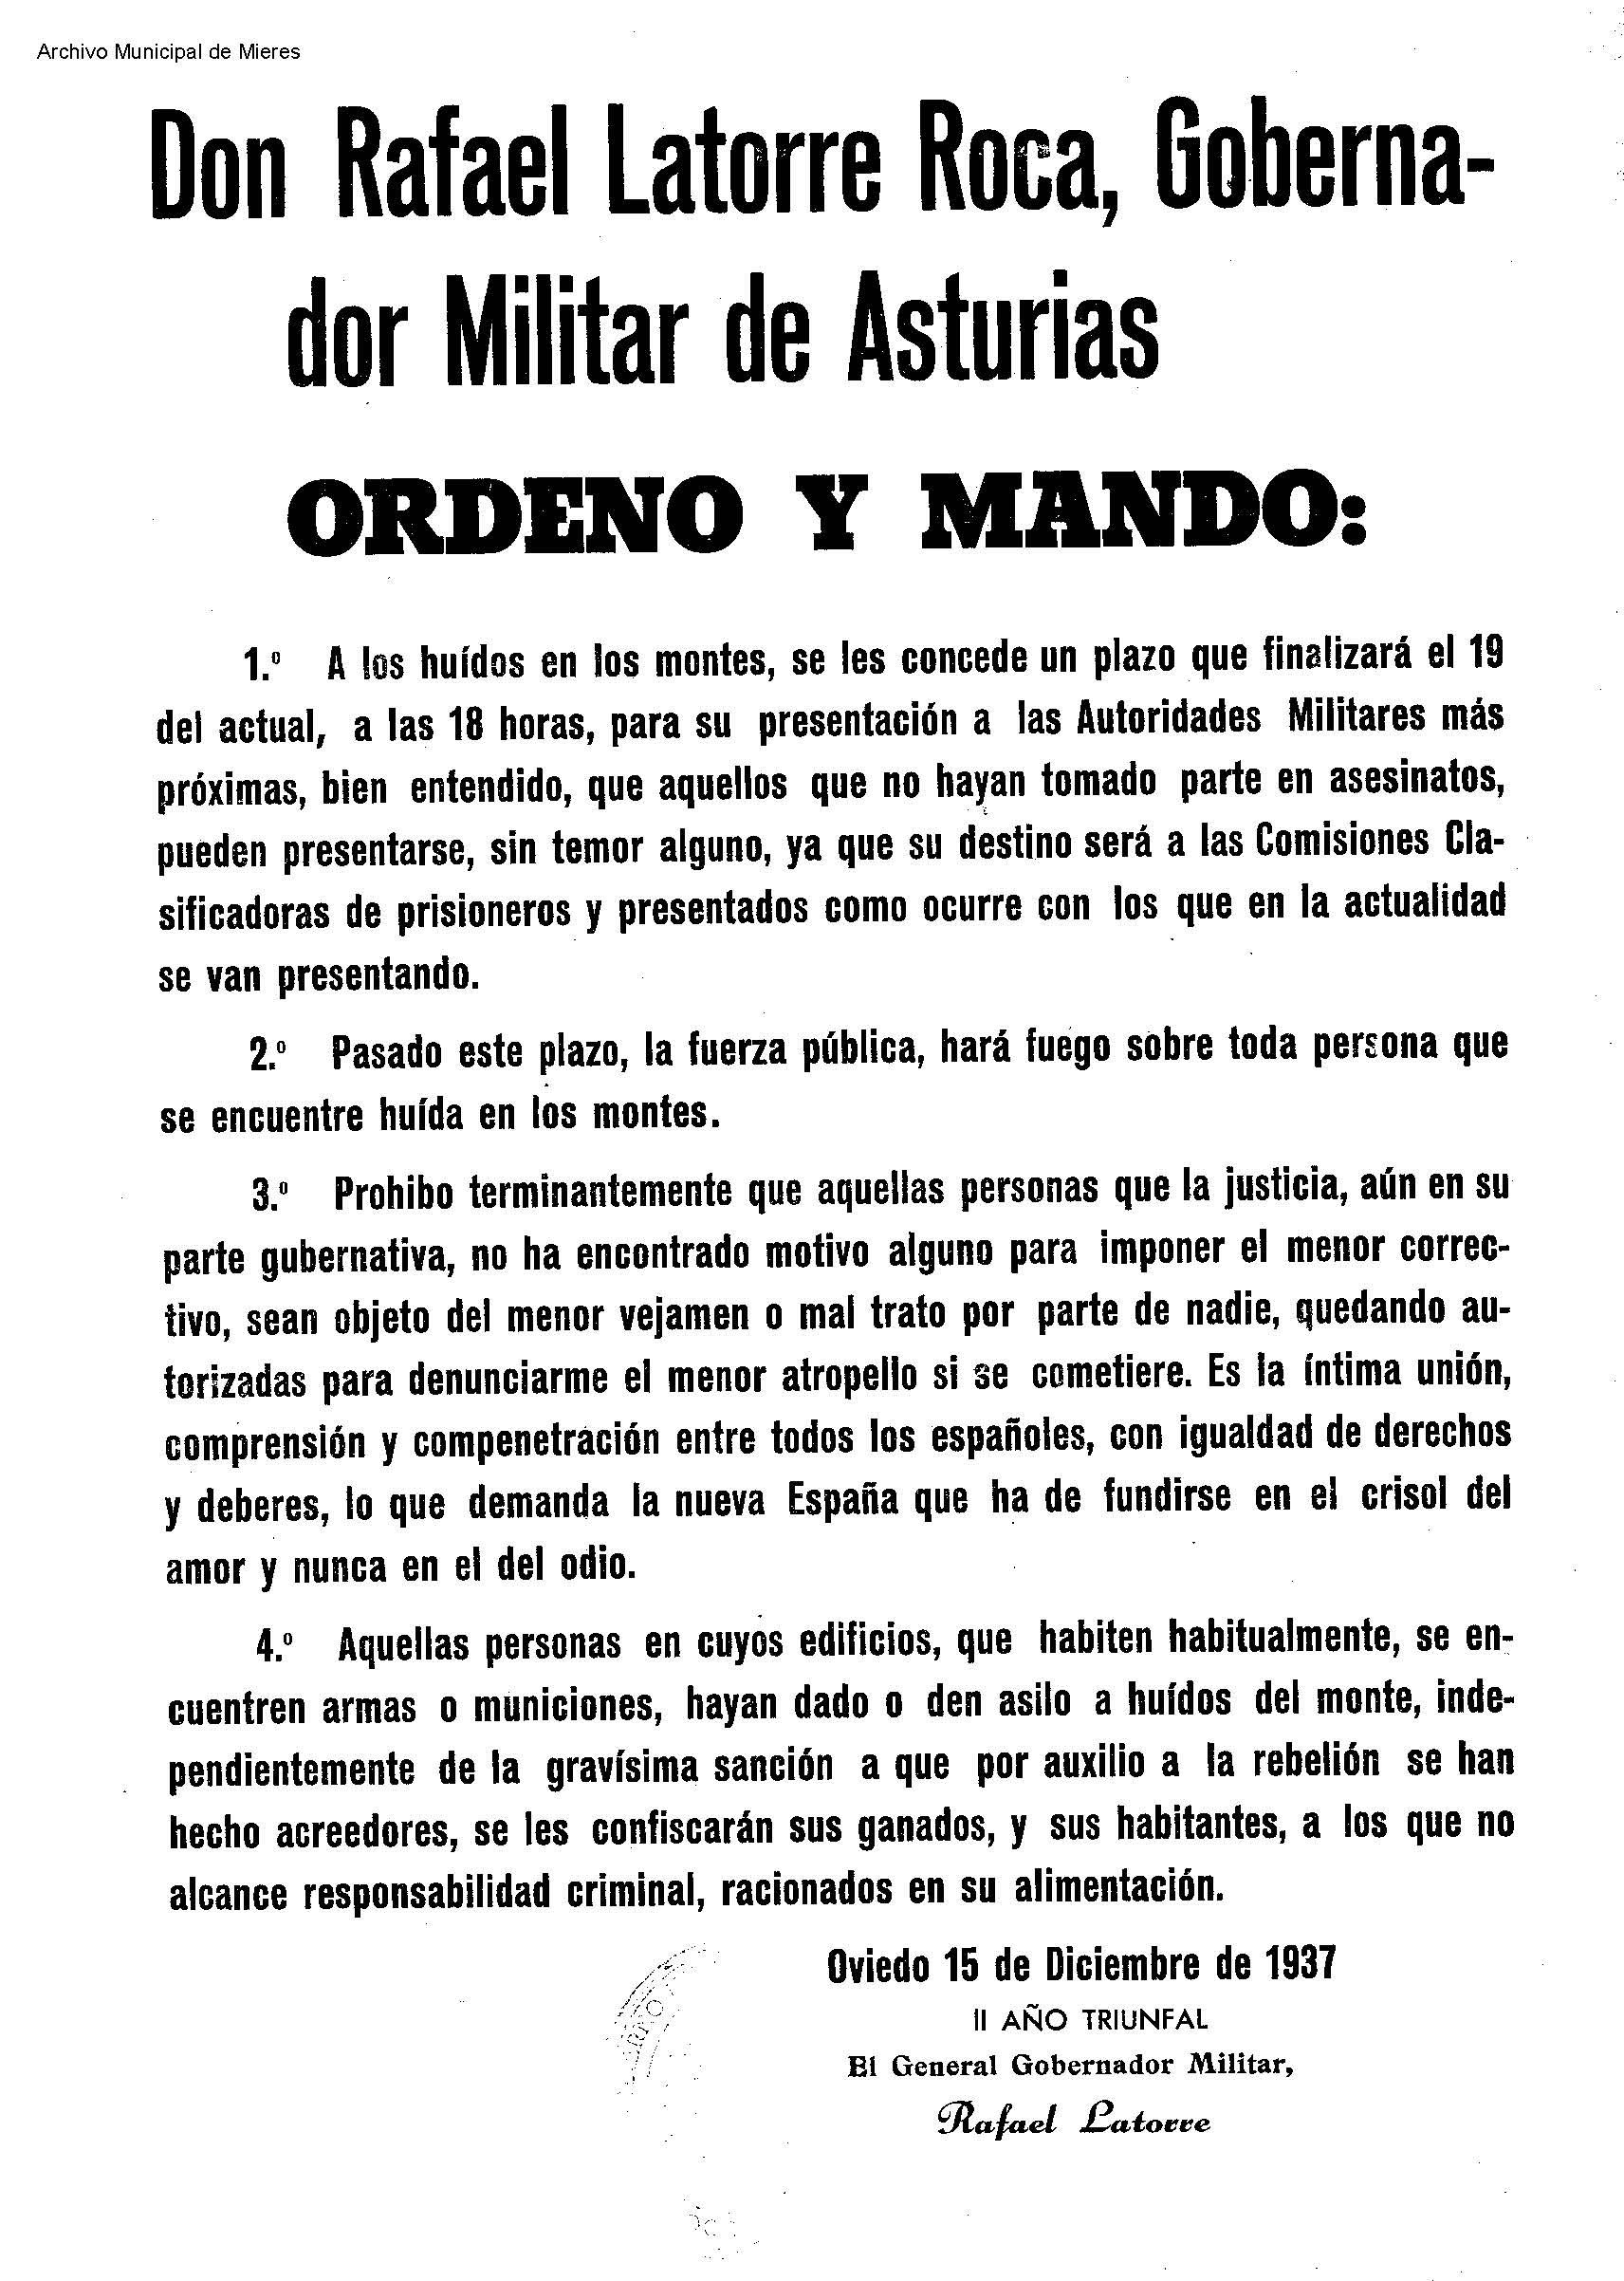 bANDO 1937-desbloqueado